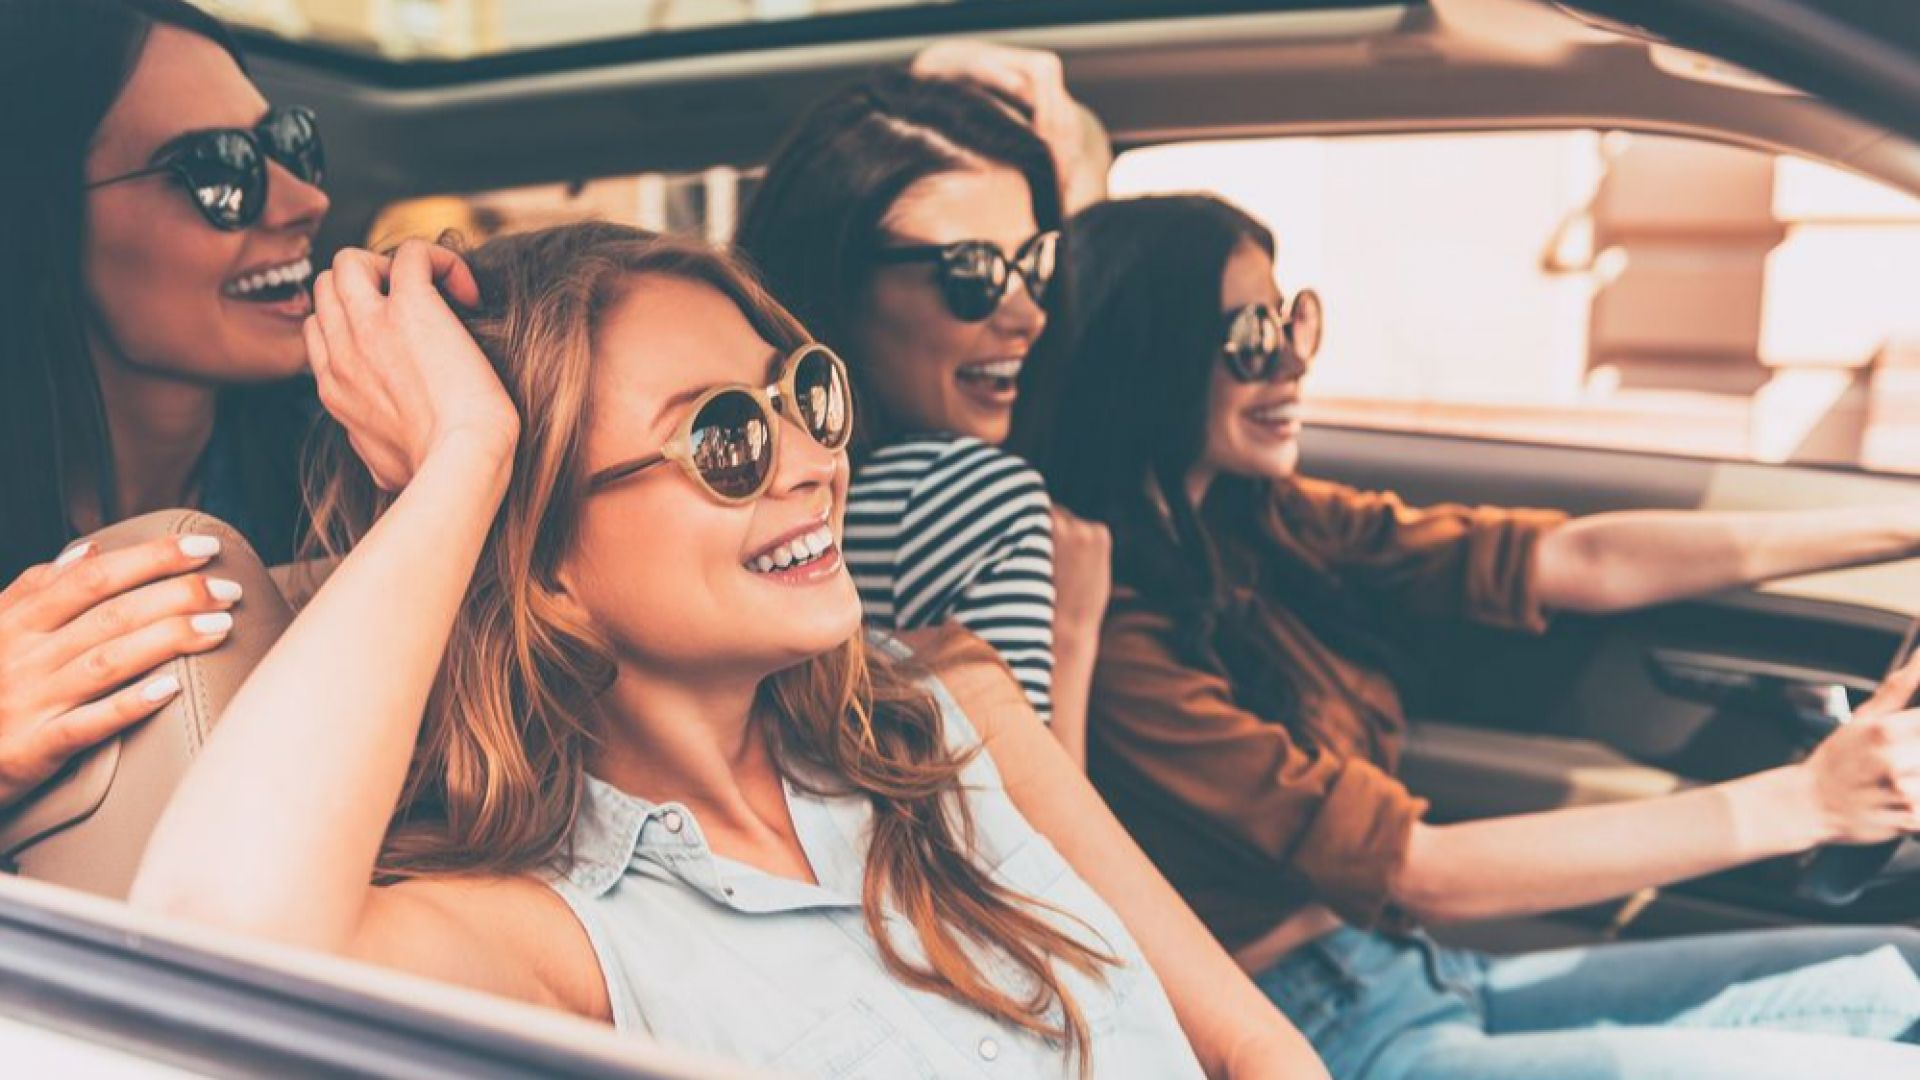 Проучване установи колко години продължава женското приятелство